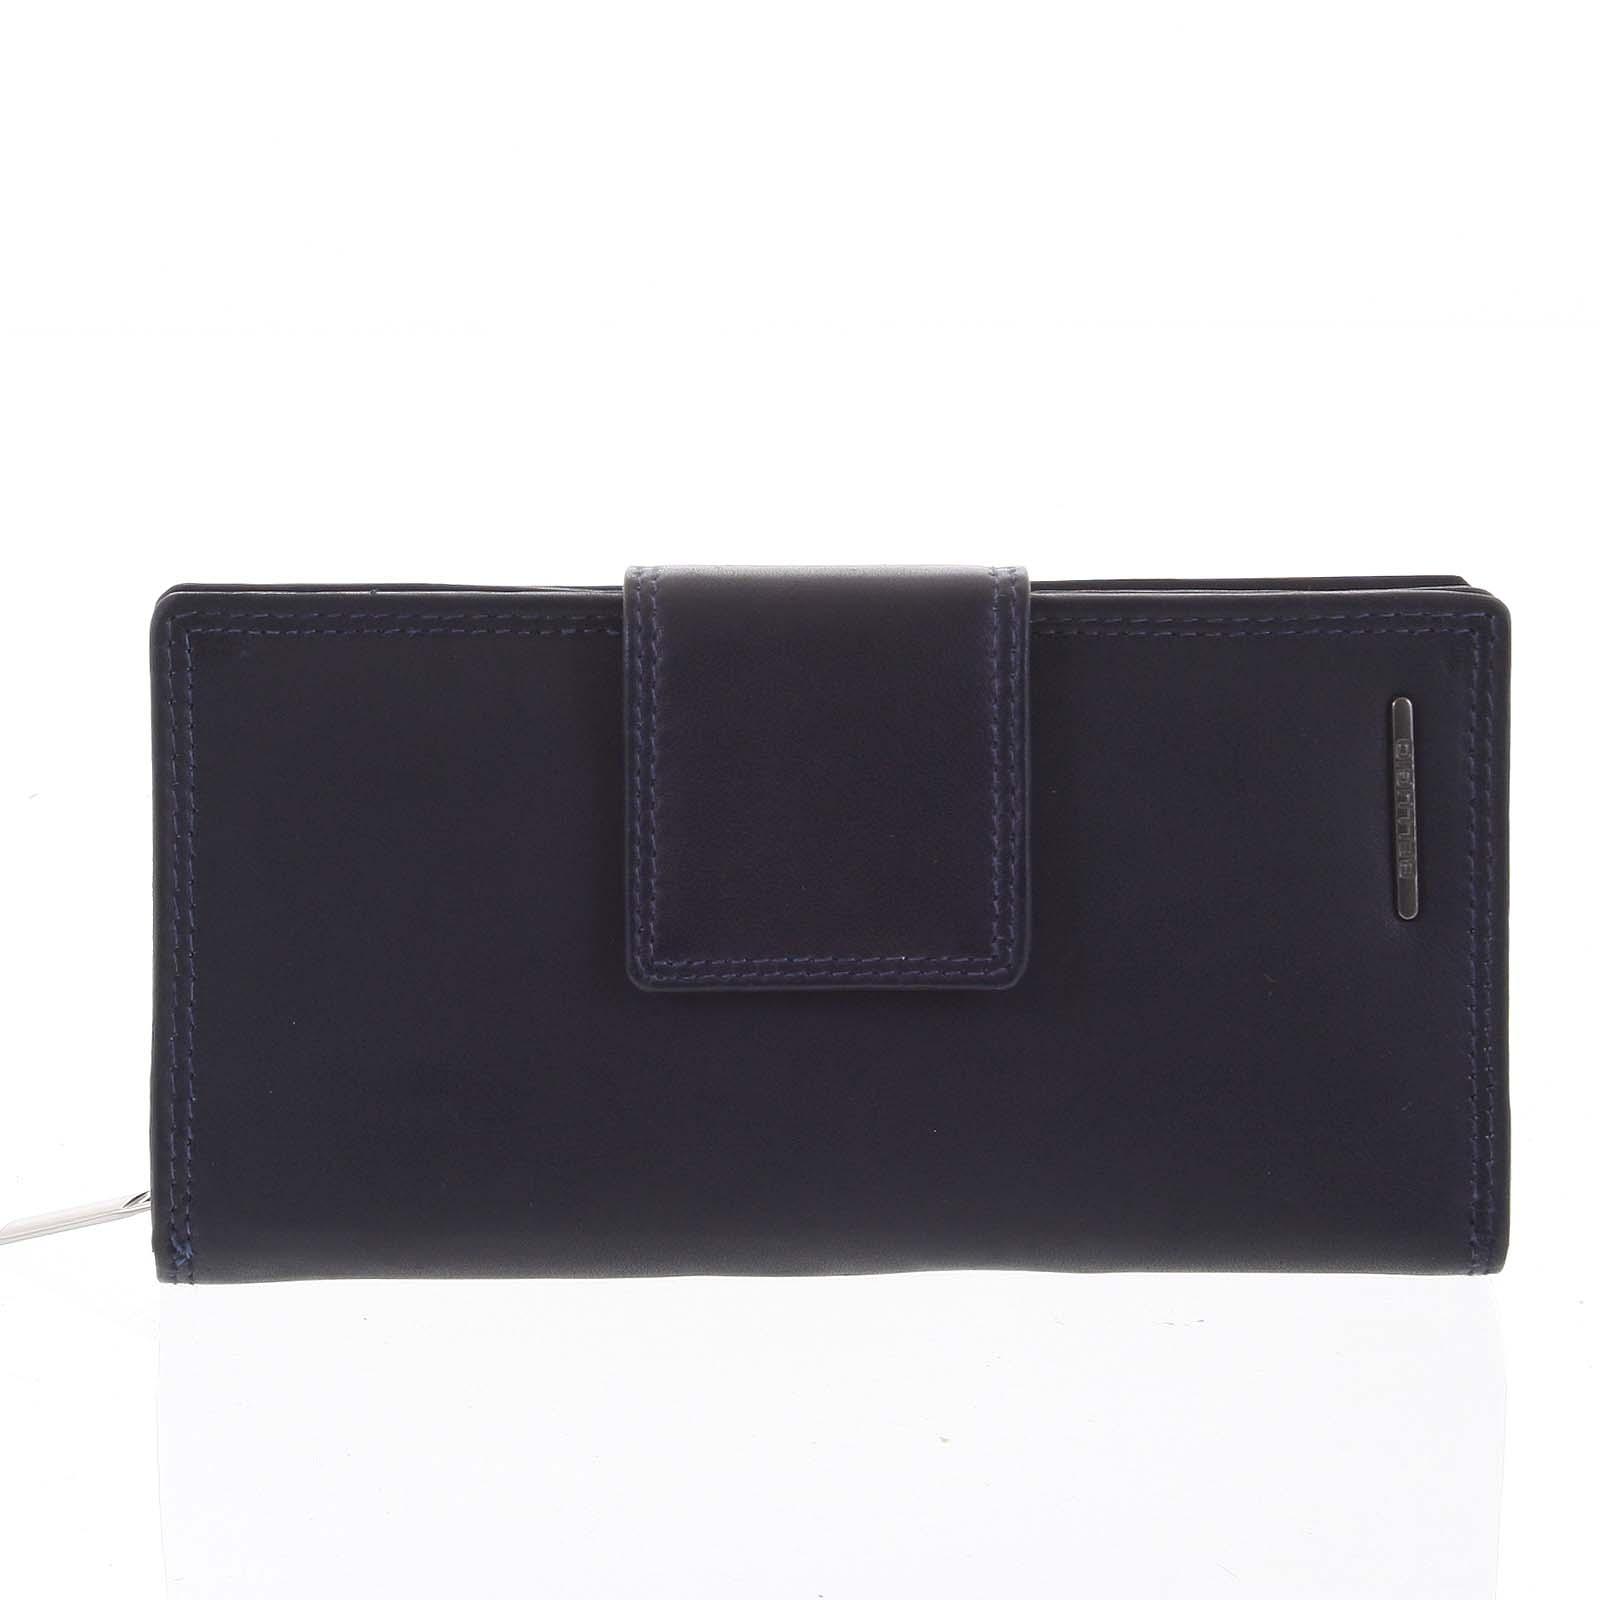 Velká dámská kožená peněženka modrá - Bellugio Glykys